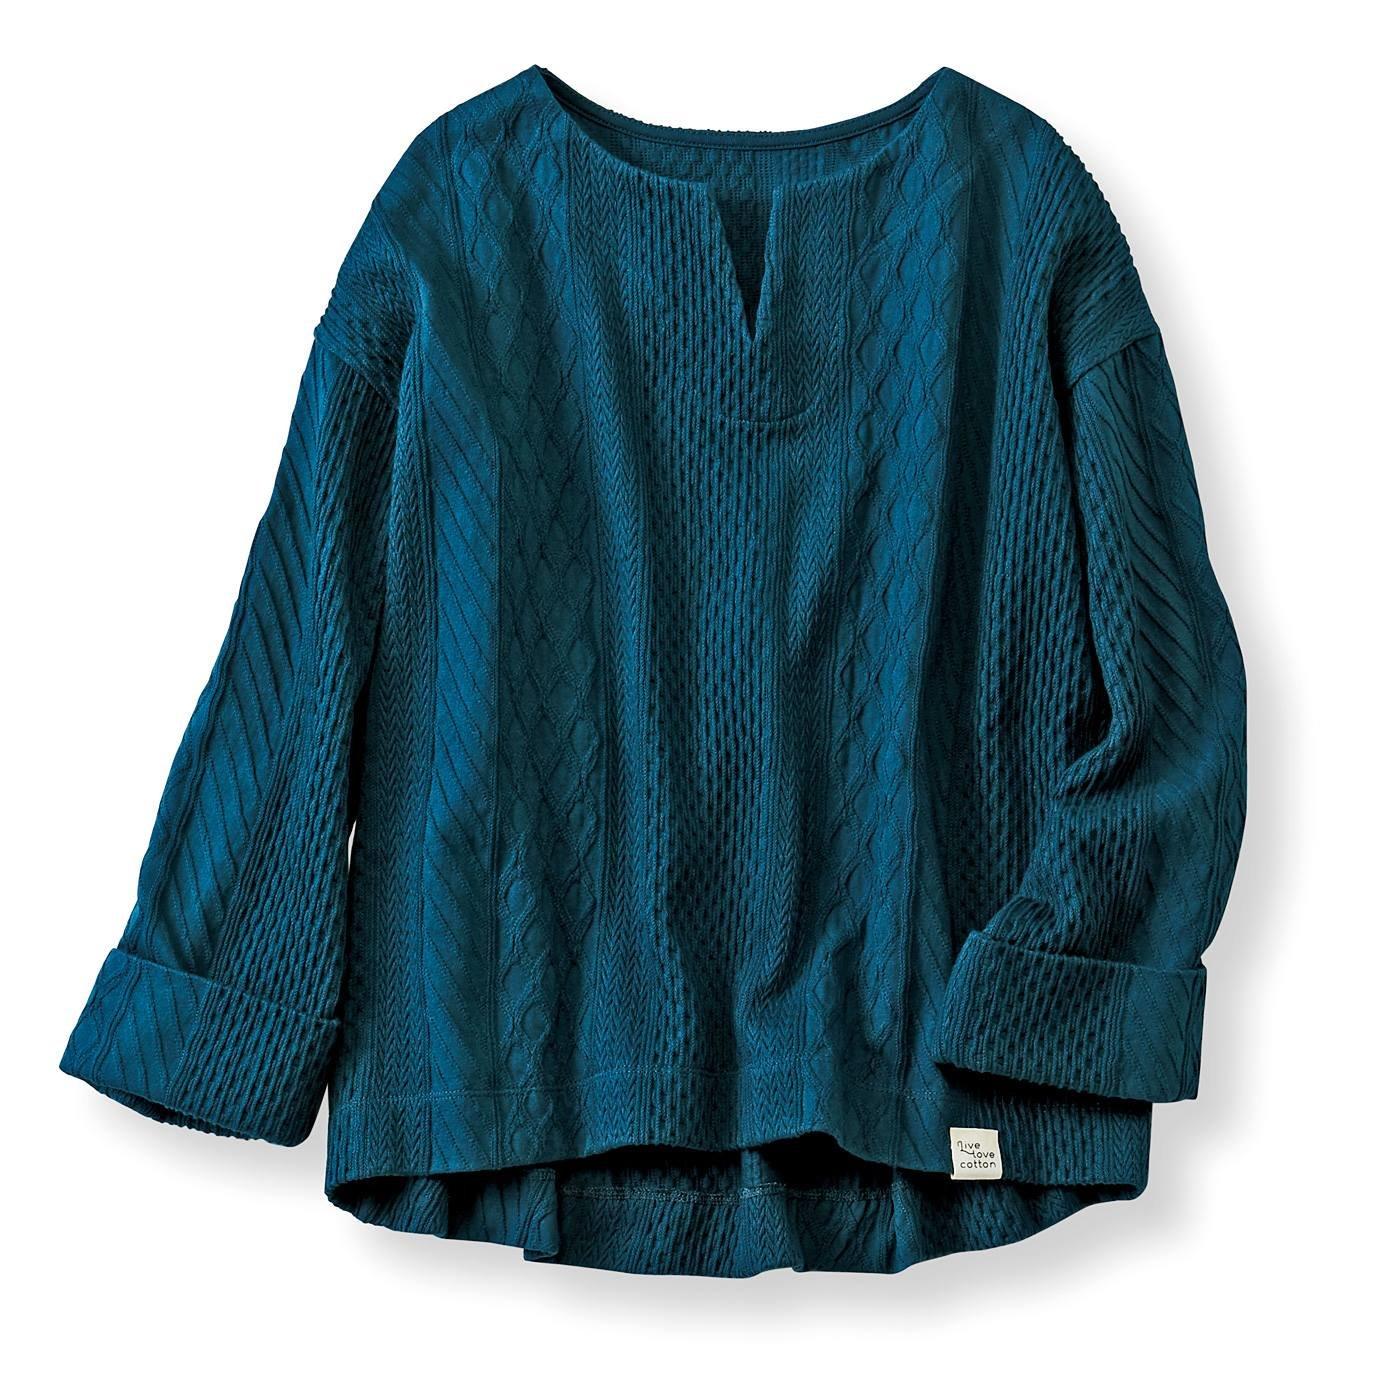 【3~10日でお届け】Live love cottonプロジェクト リブ イン コンフォート しっかり厚手の 柄編みが素敵なオーガニックコットントップス〈ピーコック〉